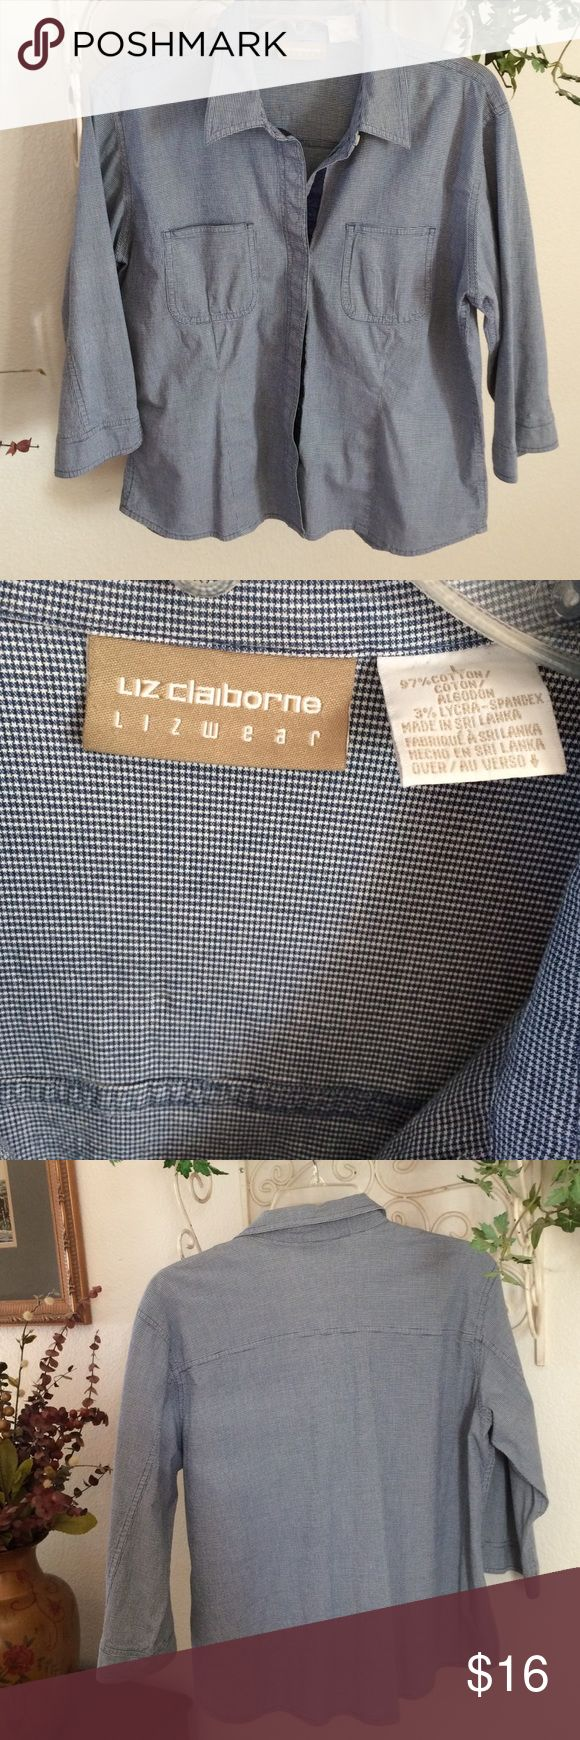 Women's blue and white blouse Liz Claiborne blue and white check shirt. Large tapered blouse Liz Claiborne Tops Blouses